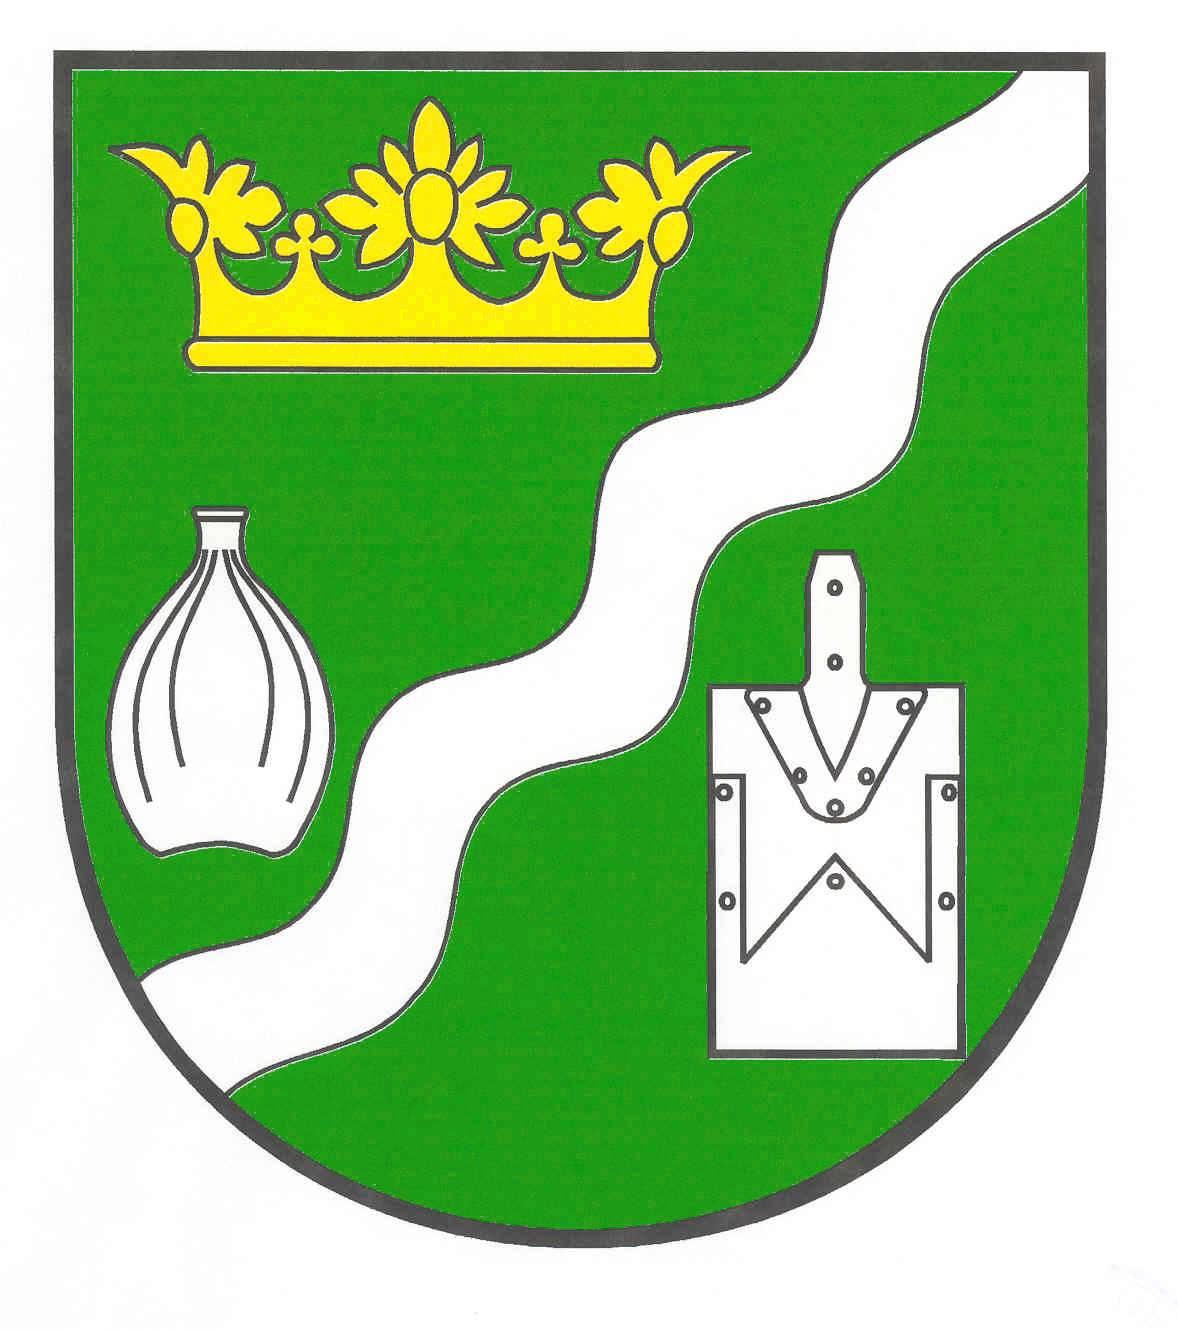 Wappen GemeindePrinzenmoor, Kreis Rendsburg-Eckernförde